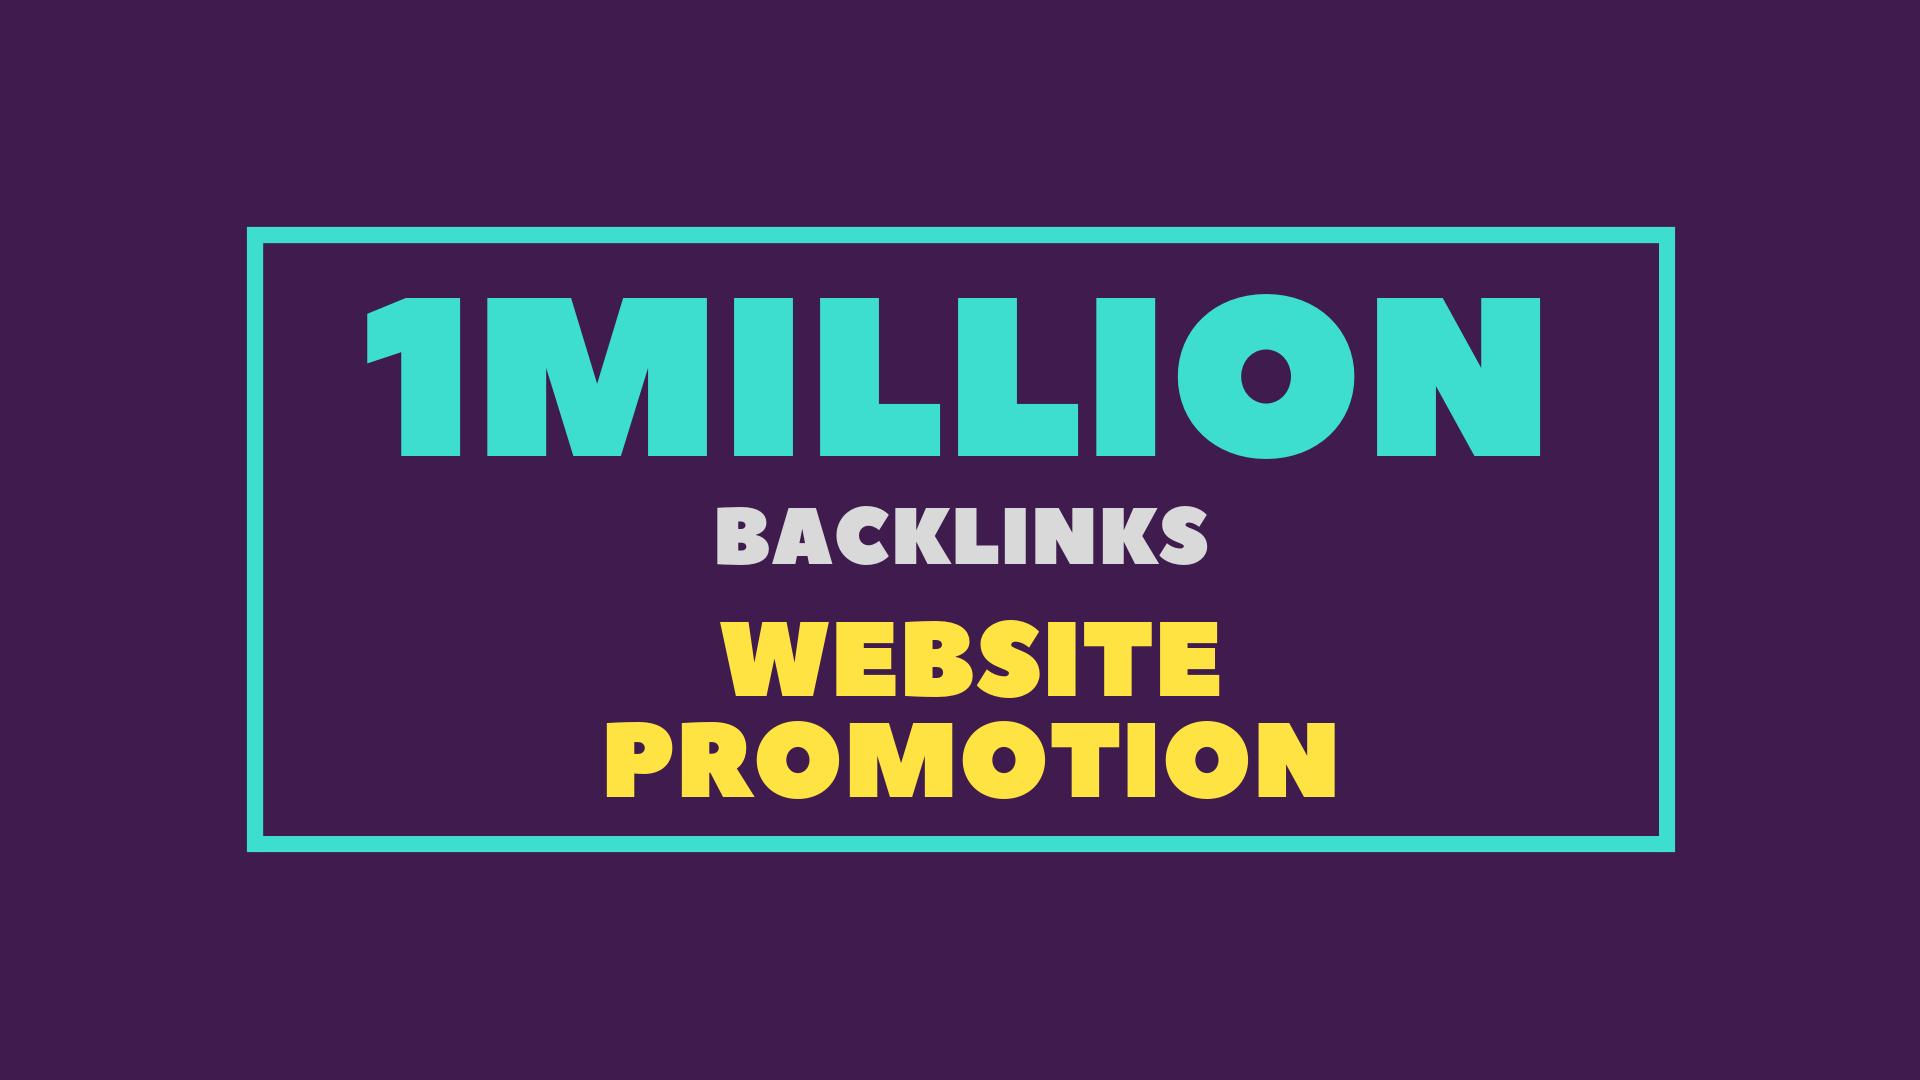 Give 10,000, 00 high quality GSA SER backlinks for website promotion